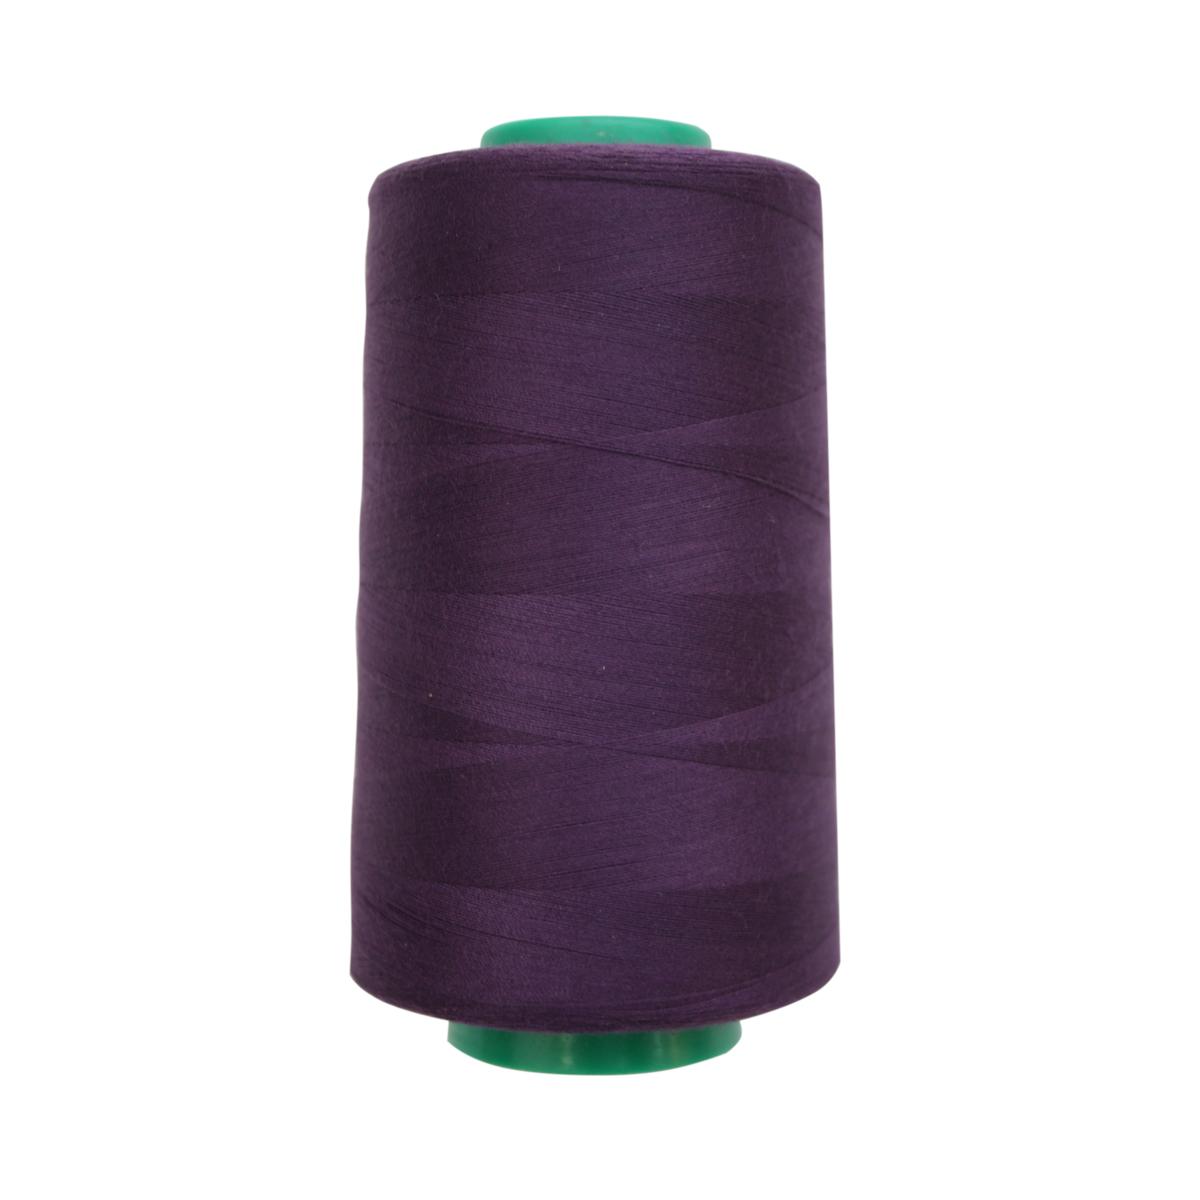 Нитки для шитья Bestex 50/2, 5000 ярд, цвет: баклажан (081)7700936-081Сфера использования: трикотаж; ткани малого веса; оверлочные швы; отделка краев; вышивка. Размер игл №70-80